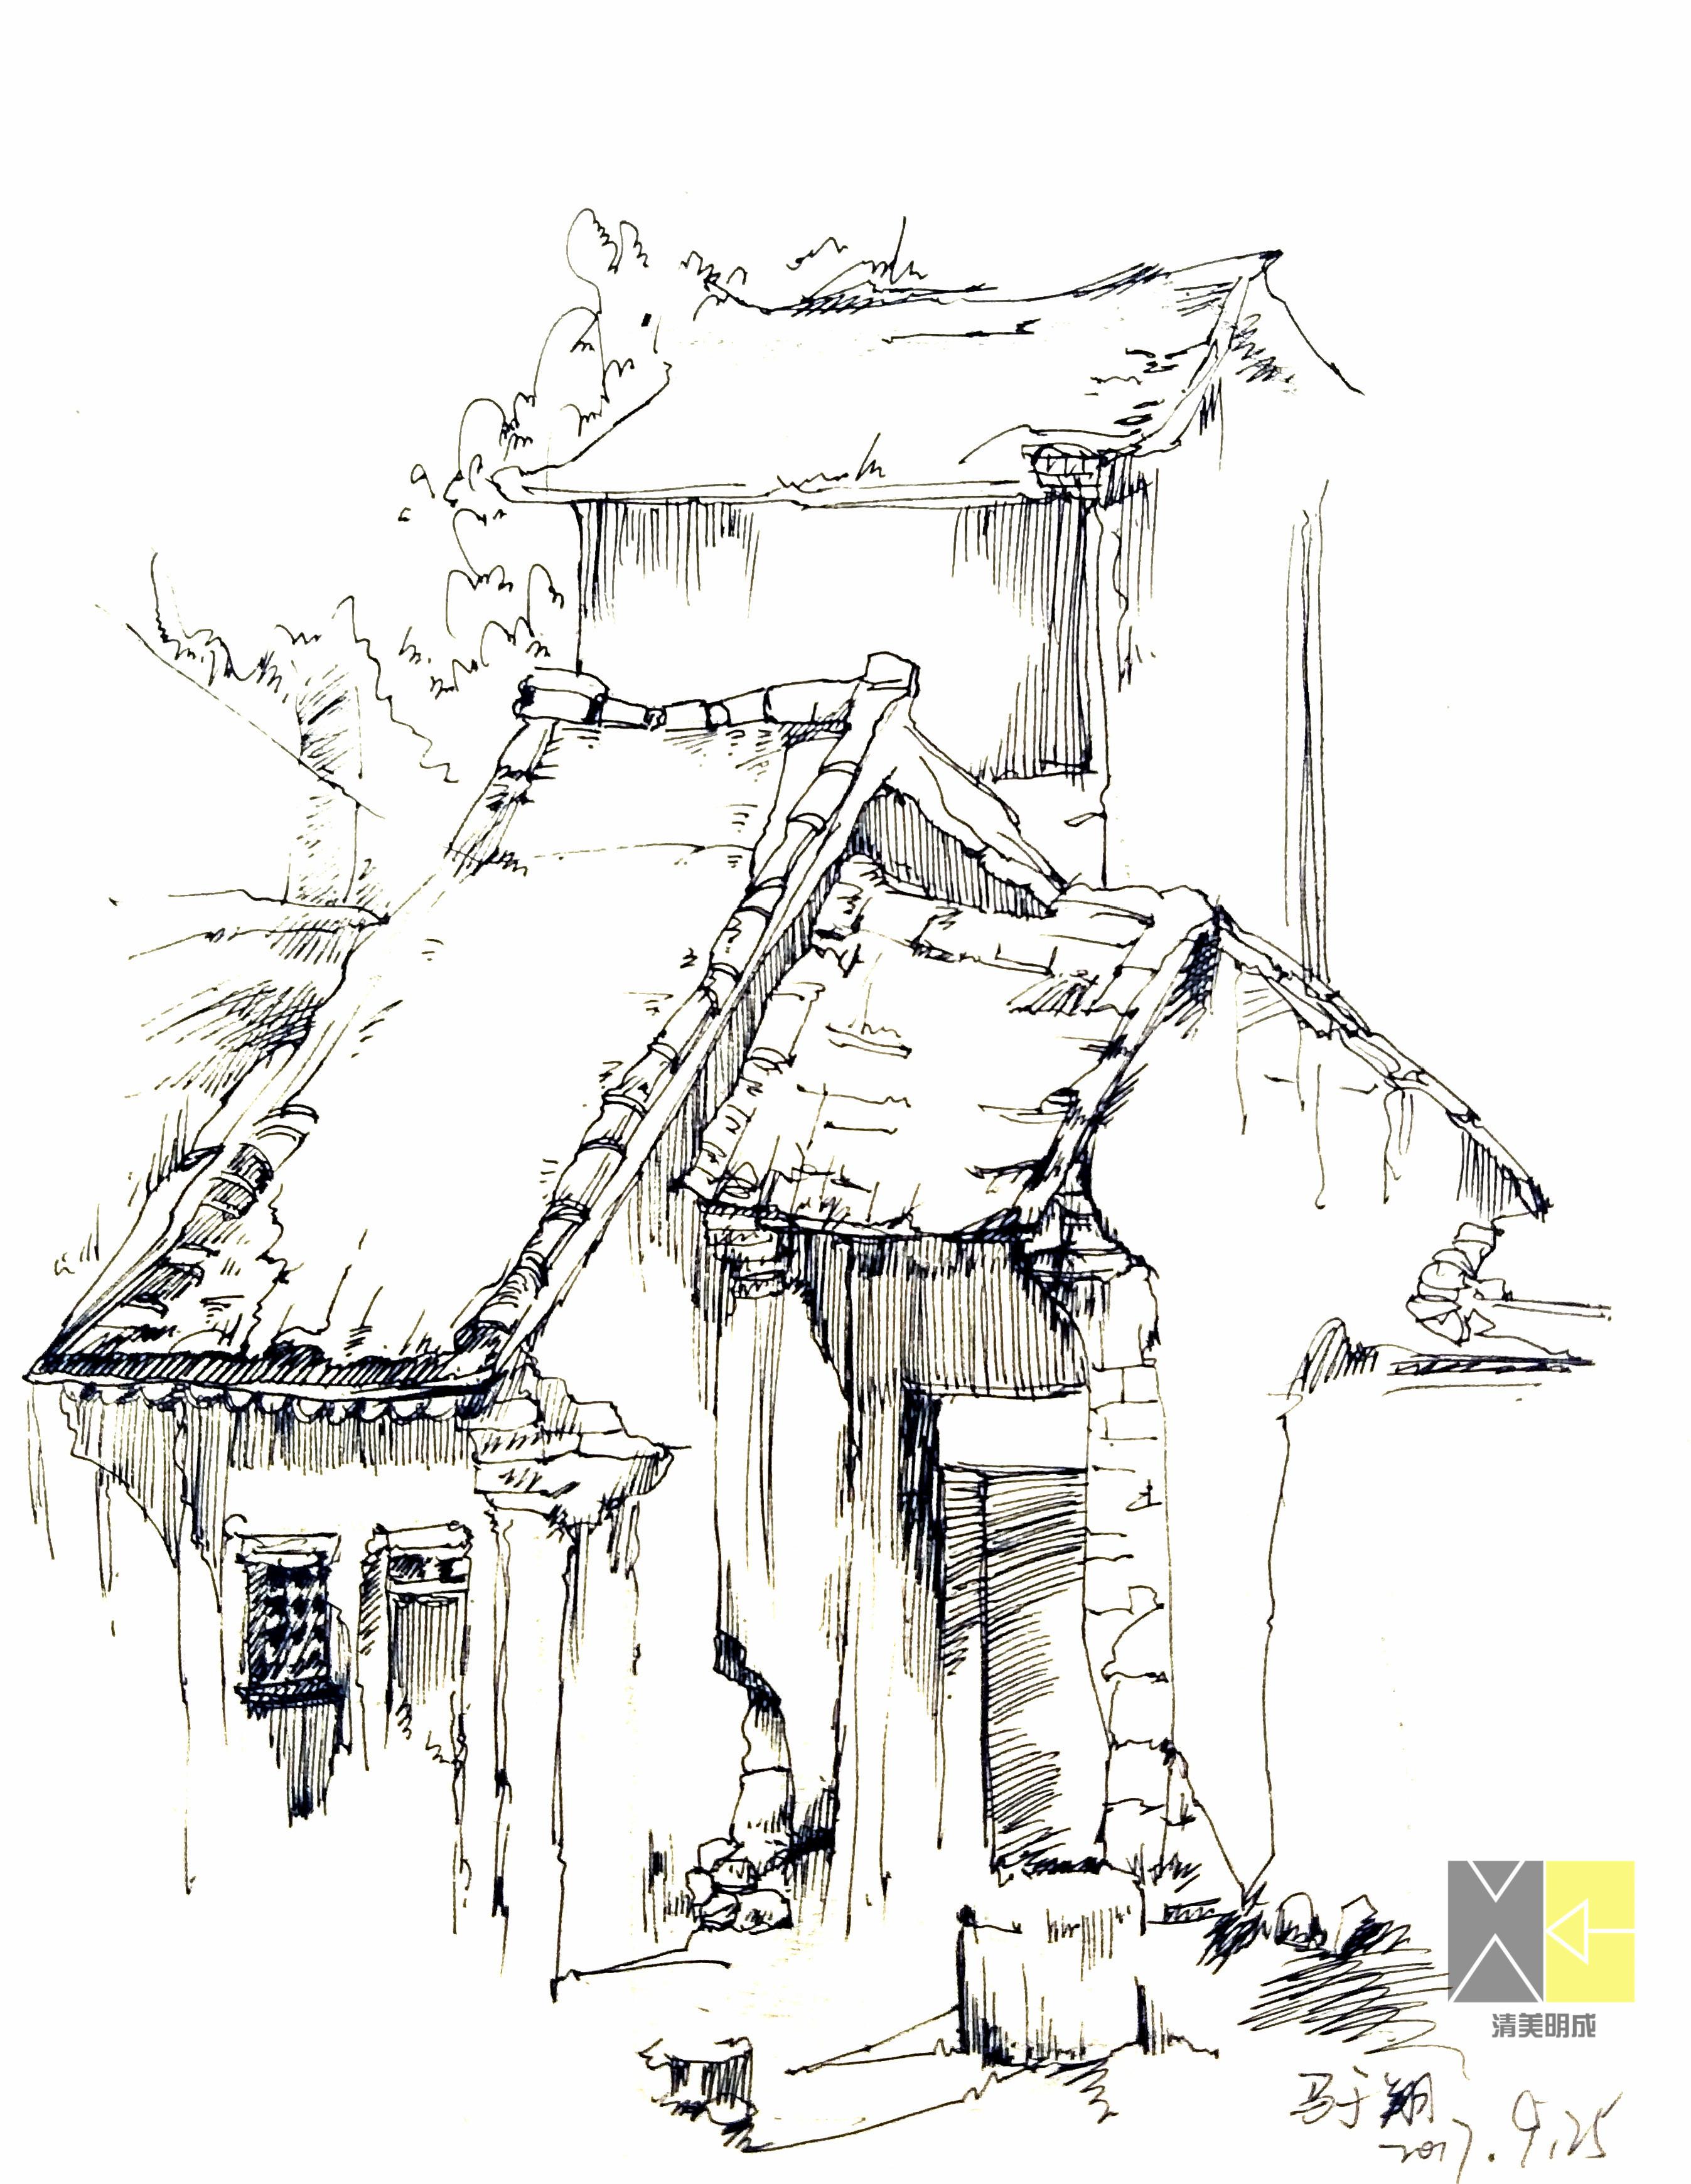 【写生季】清美明成-灵水村上山下乡速写风景写生作品